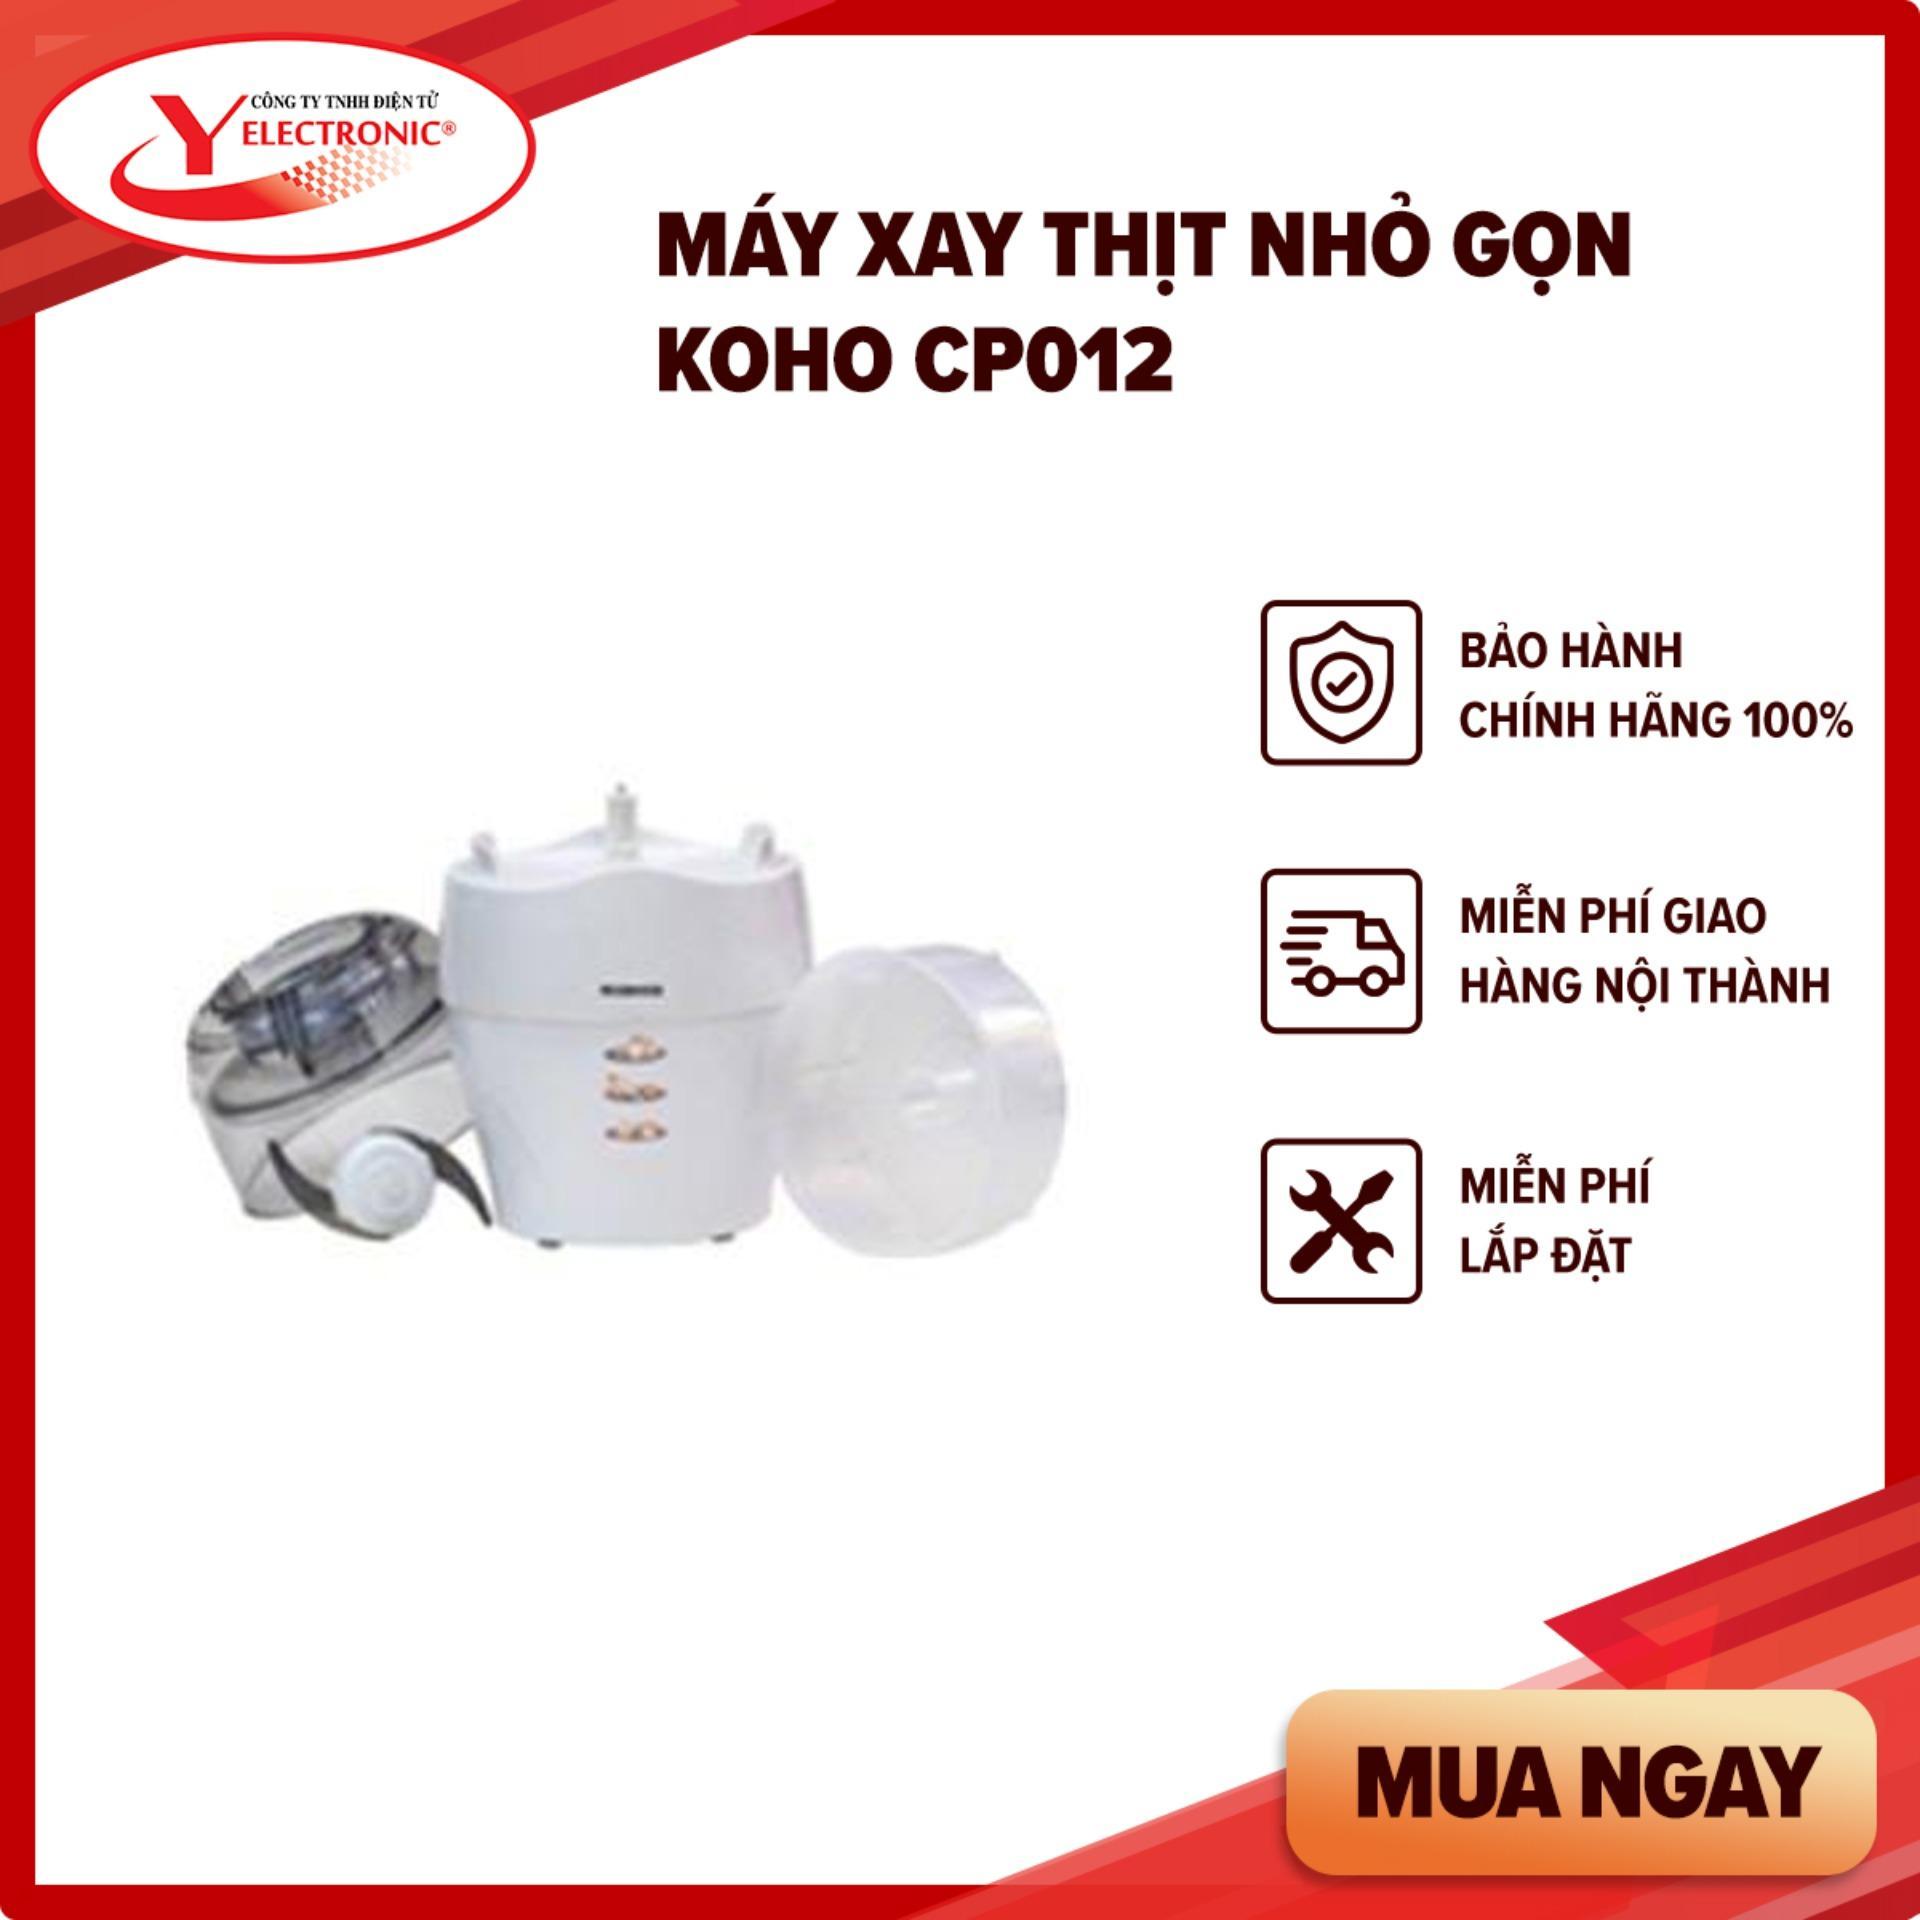 Máy Xay Thịt Nhỏ Gọn Koho CP012